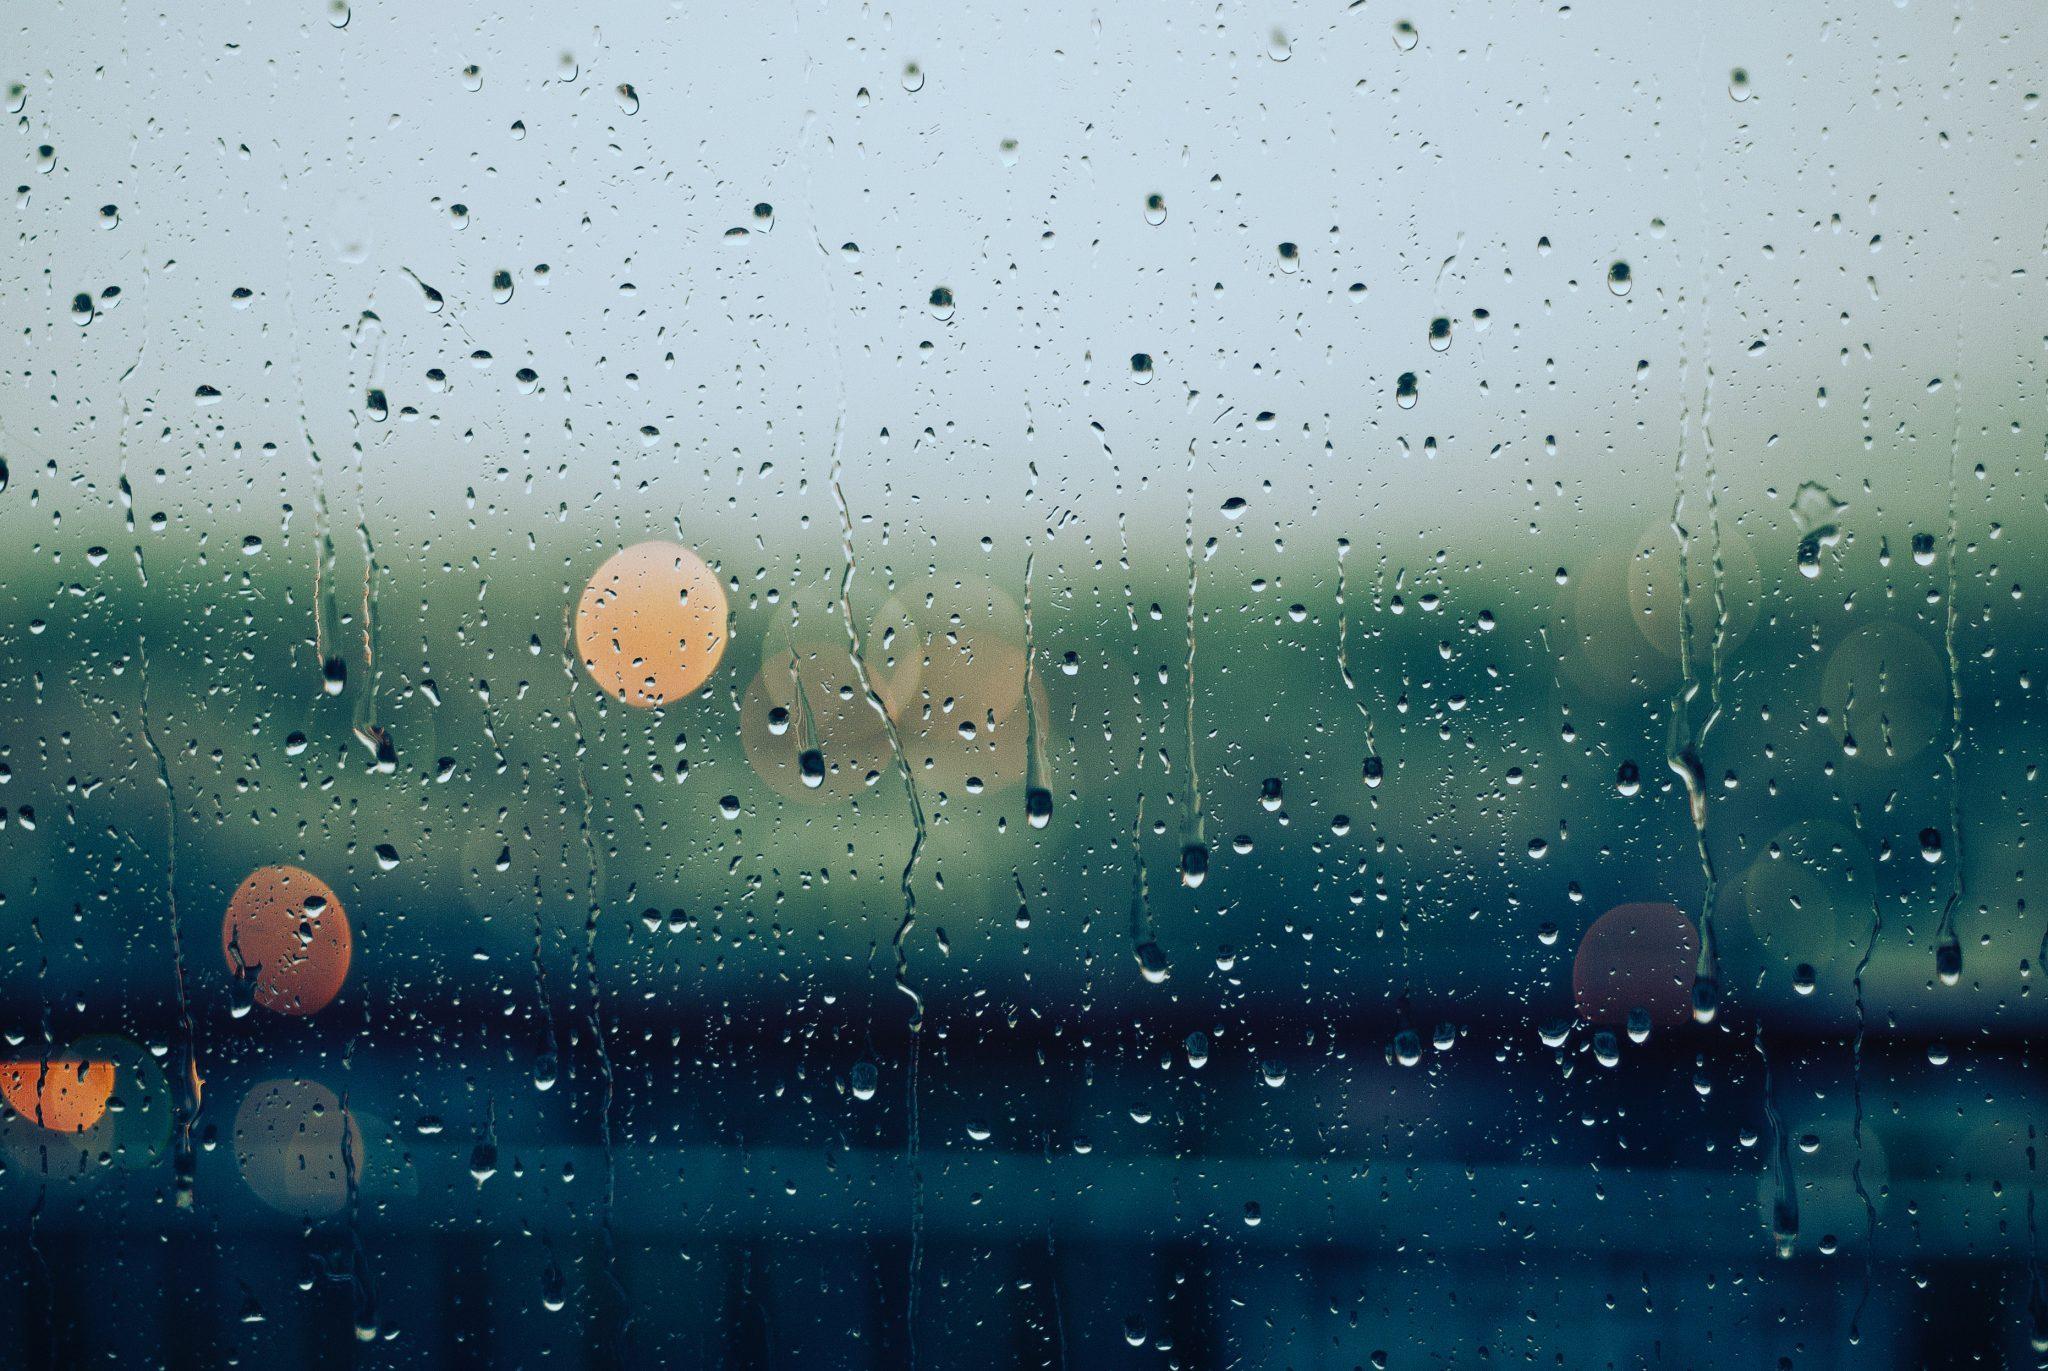 Hình nền mưa qua khung cửa kính cực đẹp